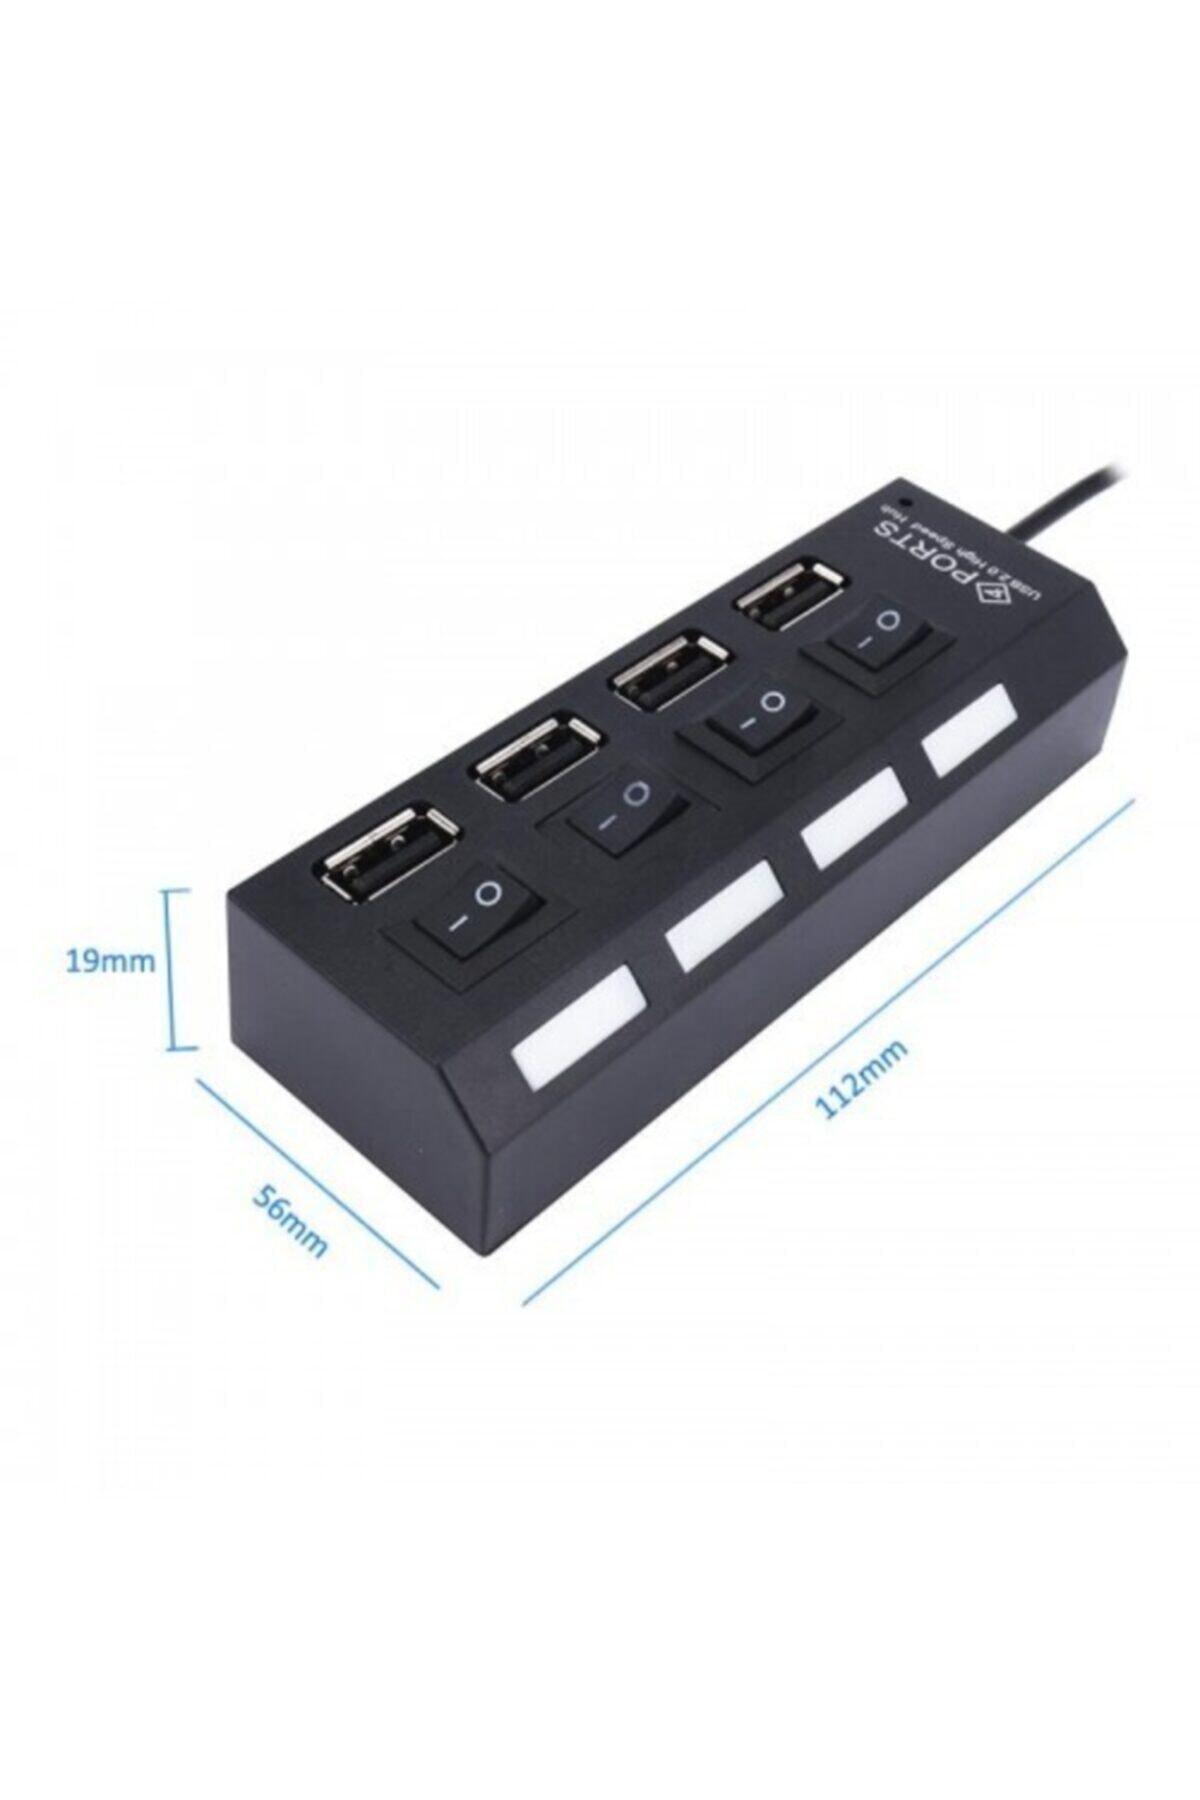 gürcantech Hub Anahtarlı Işıklı On Off Düğmeli 4 Port Çoklayıcı Aynı Anda Farklı Bileşen Bağlama Usb Çoklayıcı 2